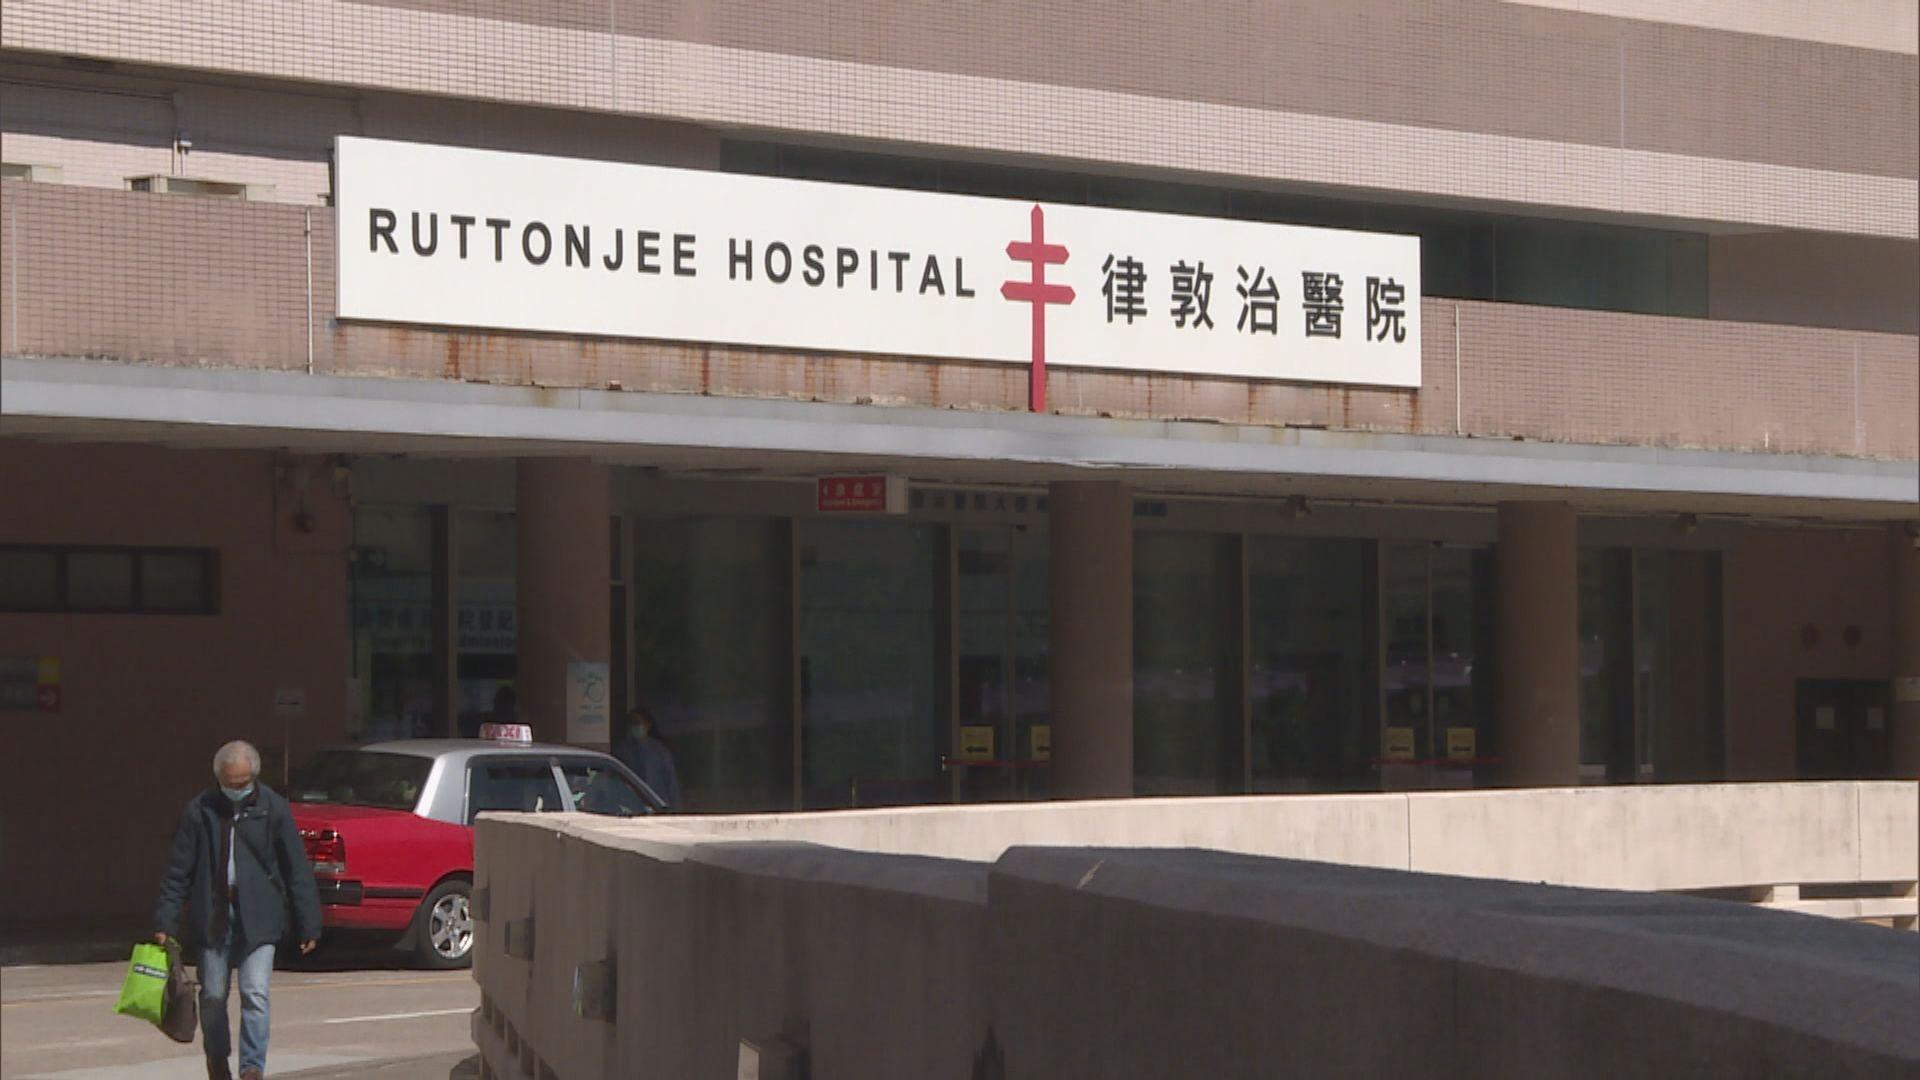 【累計134宗】本港新增三宗確診個案 包括一名嬰兒